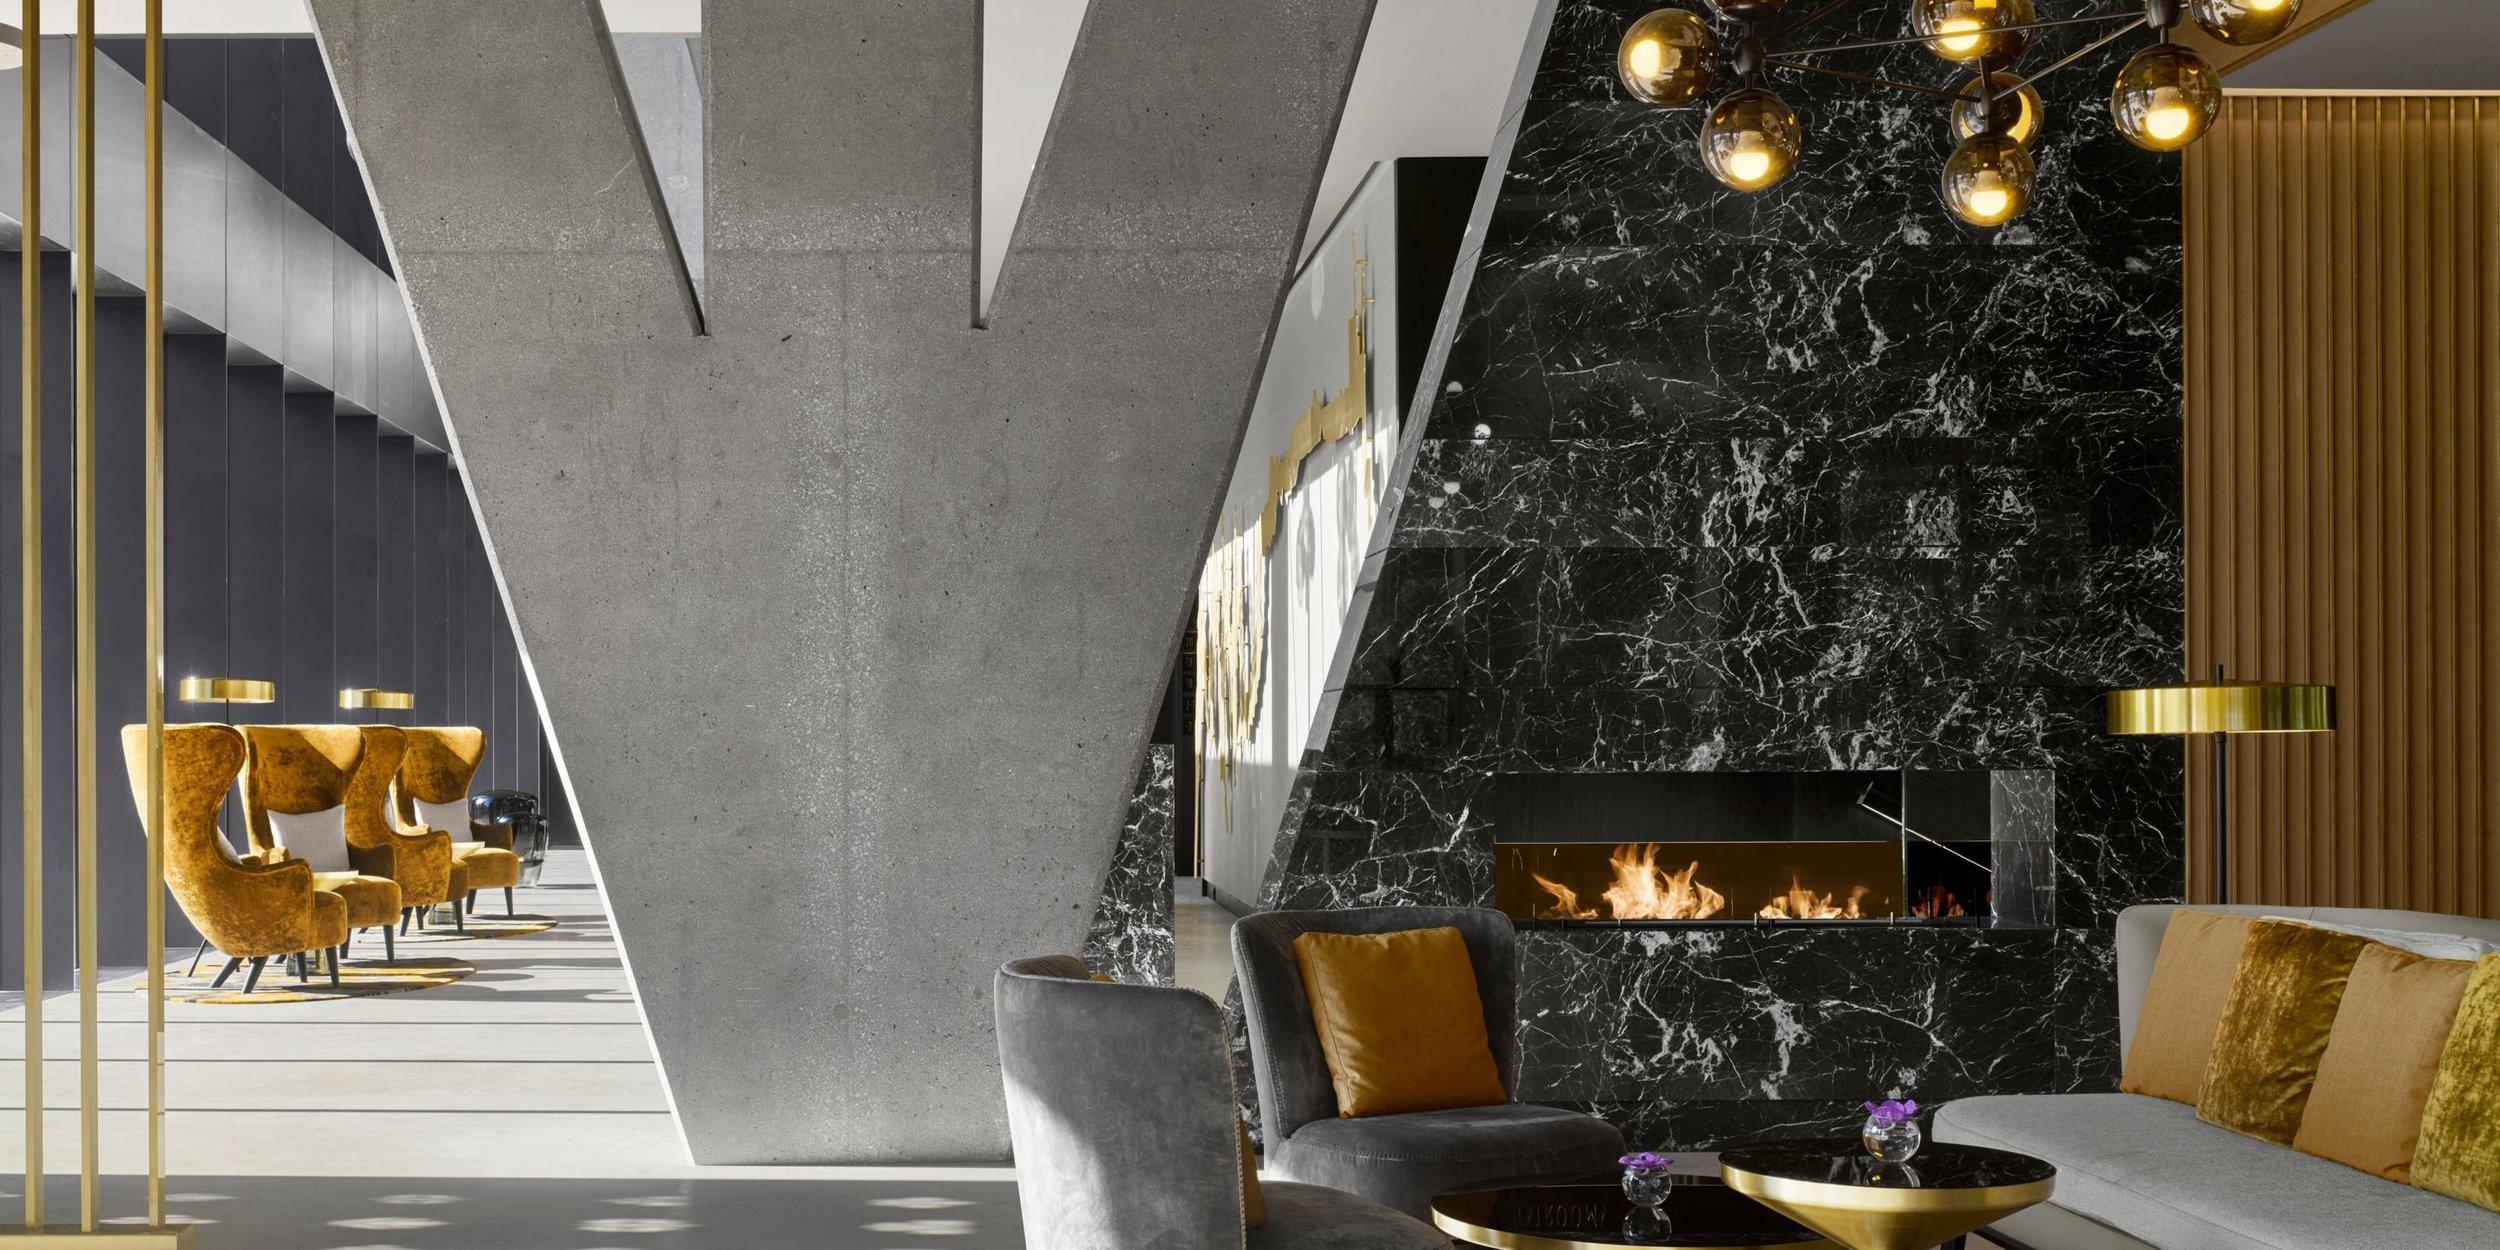 FLA-3-XL-1190mm-Planika-Intercontinental-Hotel-in-Ljubljana-Slovenia-OFIS-Architekti-Distributor-Artefacto-Serbia.jpg